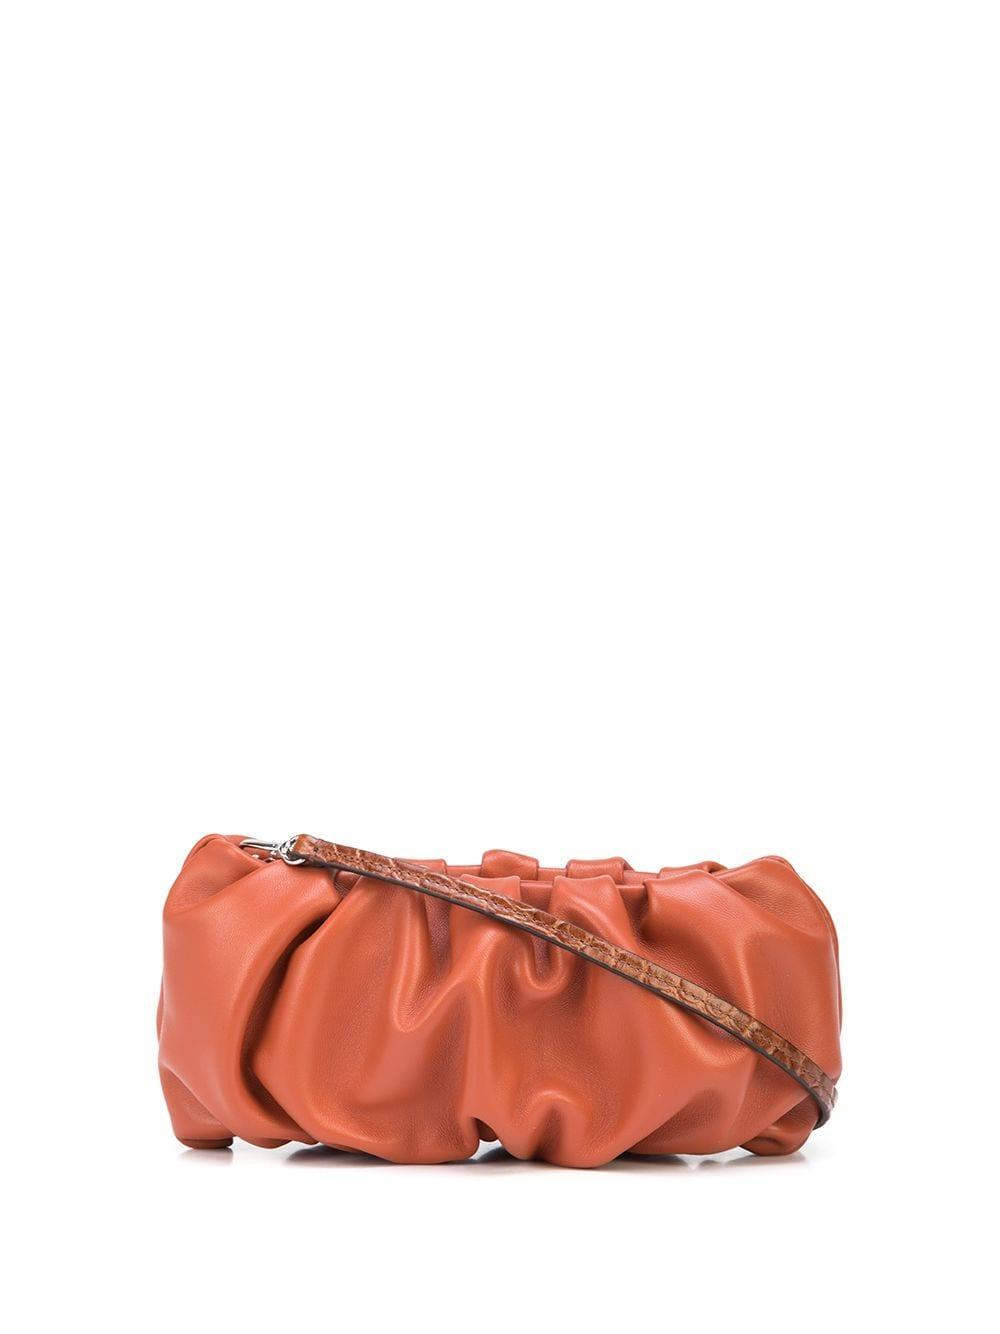 Bean Bag Item # 207-9270-PF21